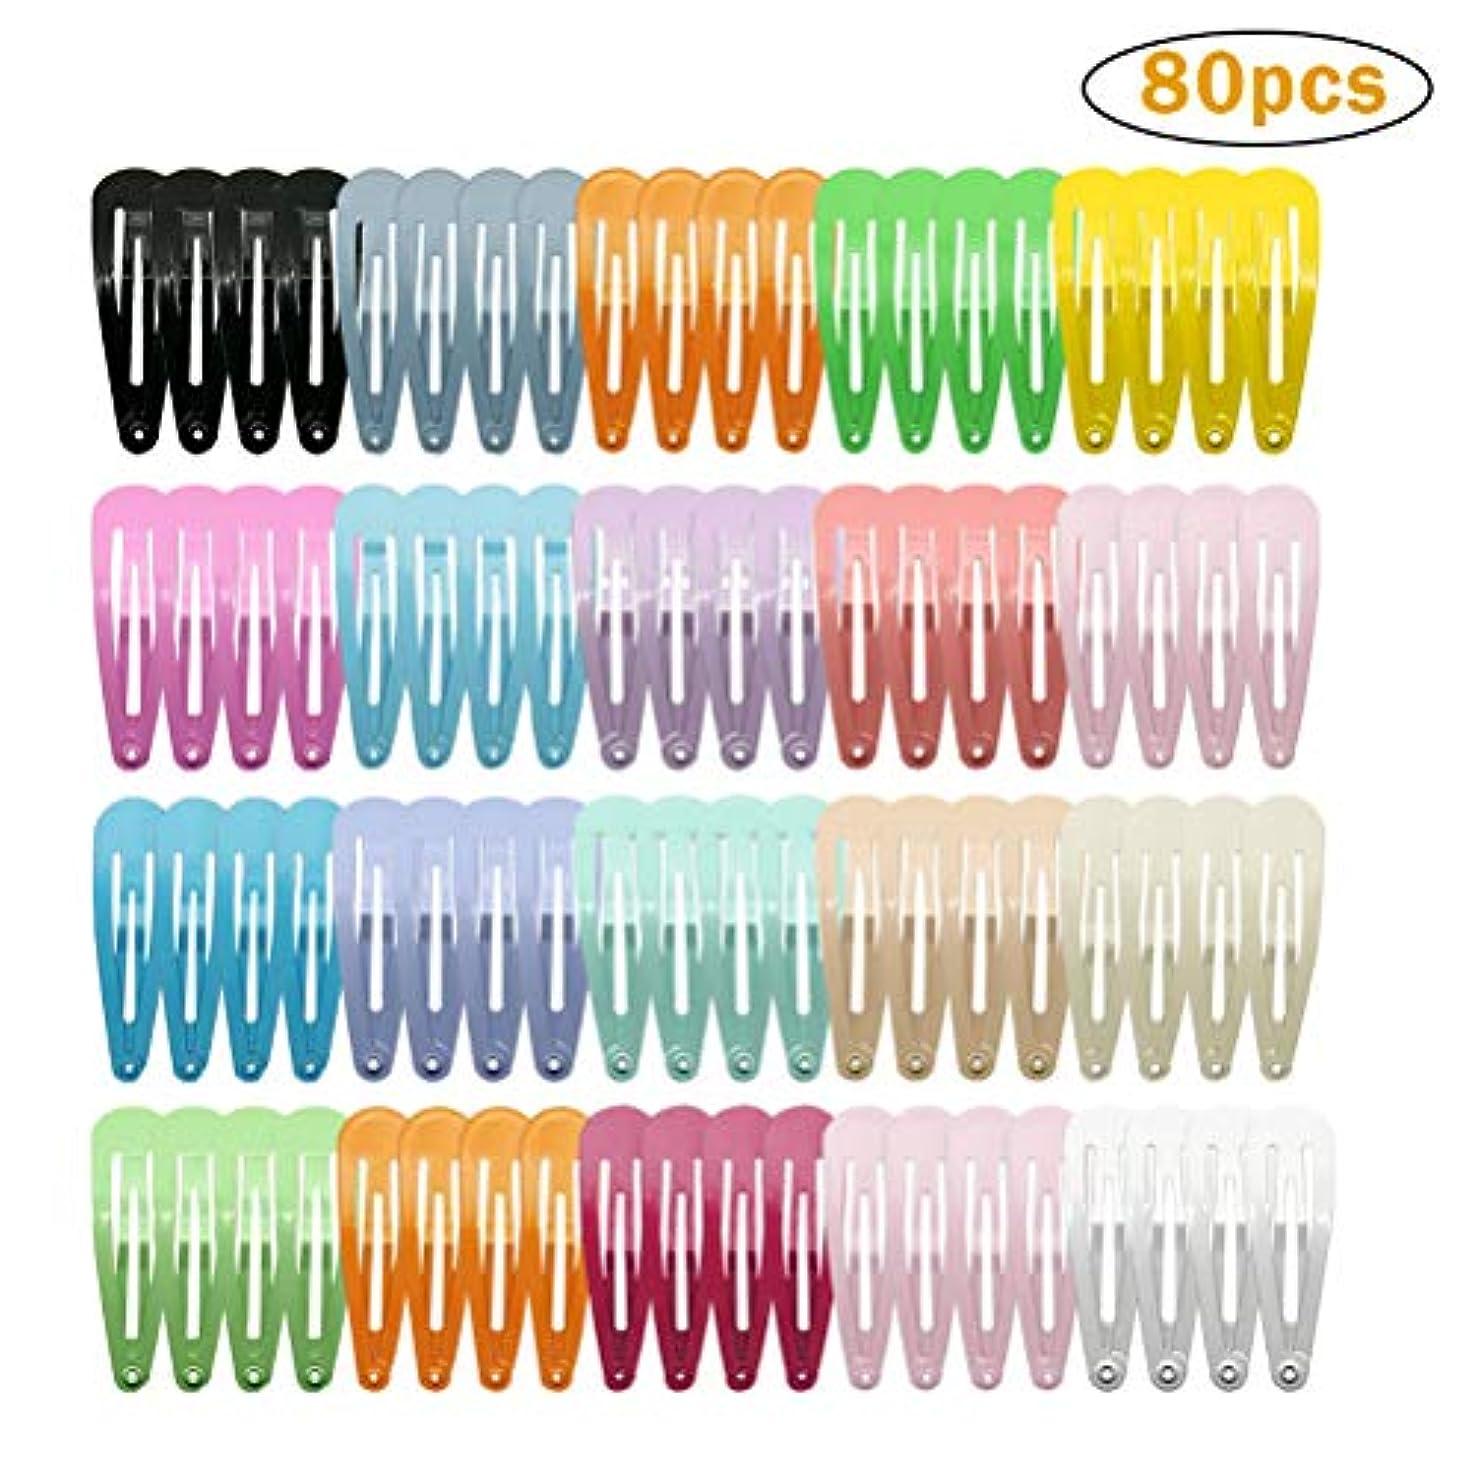 擬人化ジャズ卵ガールズスナップヘアクリップ、ほとんどすべての機会のための手作りバレット-80個